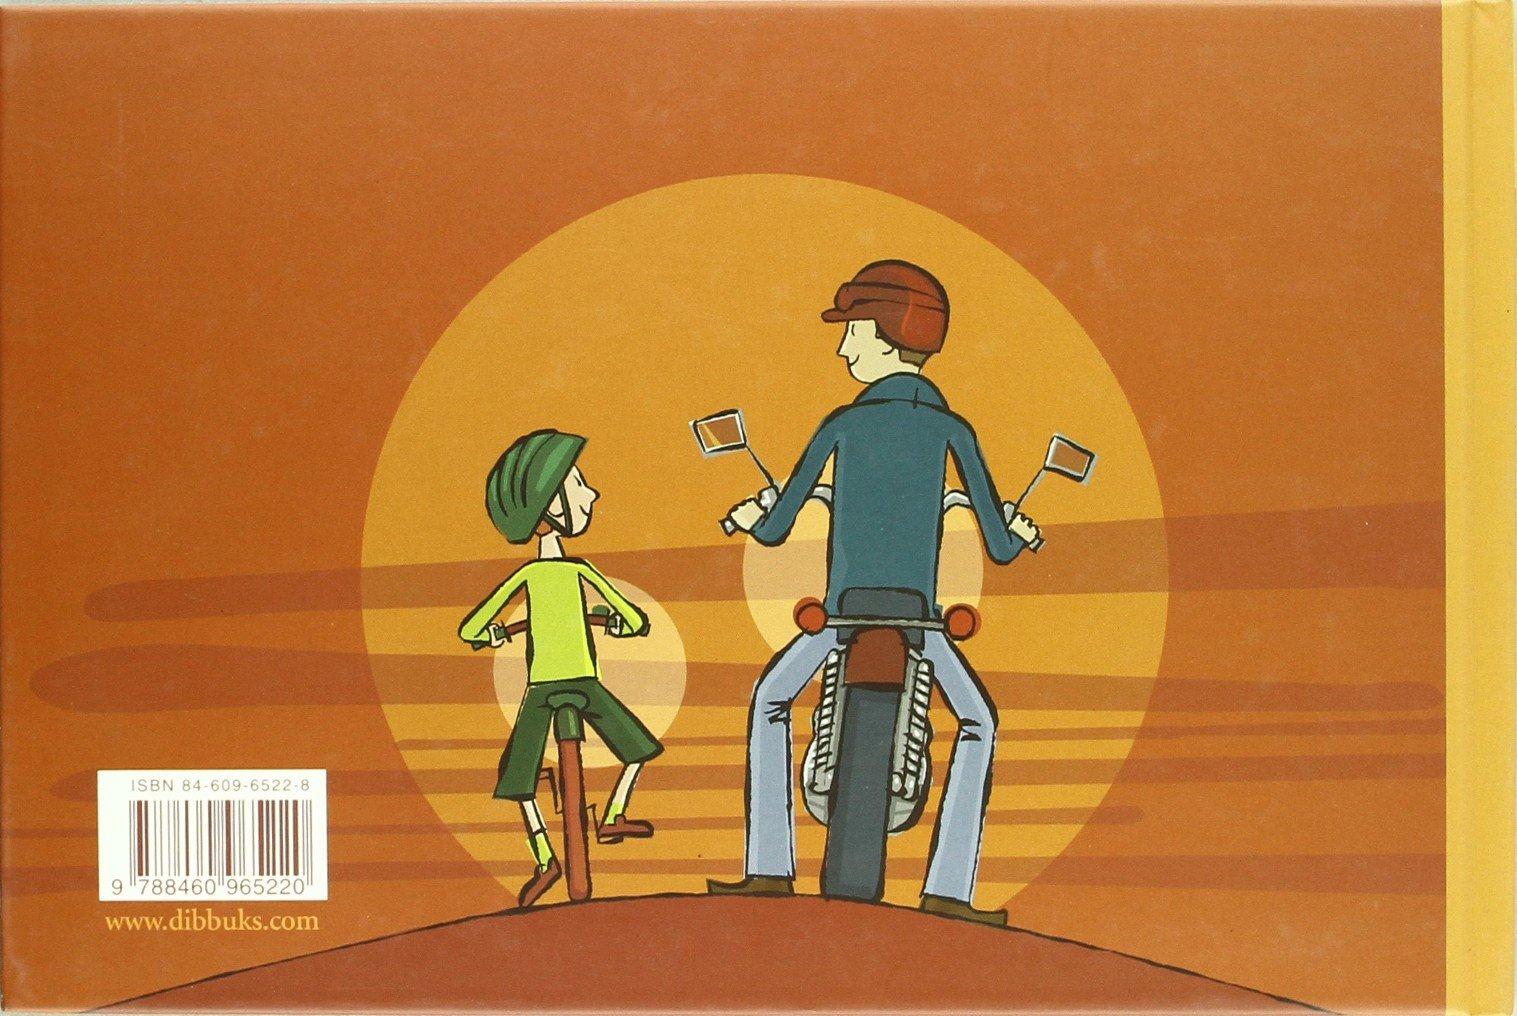 La moto de papá (Spanish Edition): Ricardo Esteban: 9788460965220: Amazon.com: Books